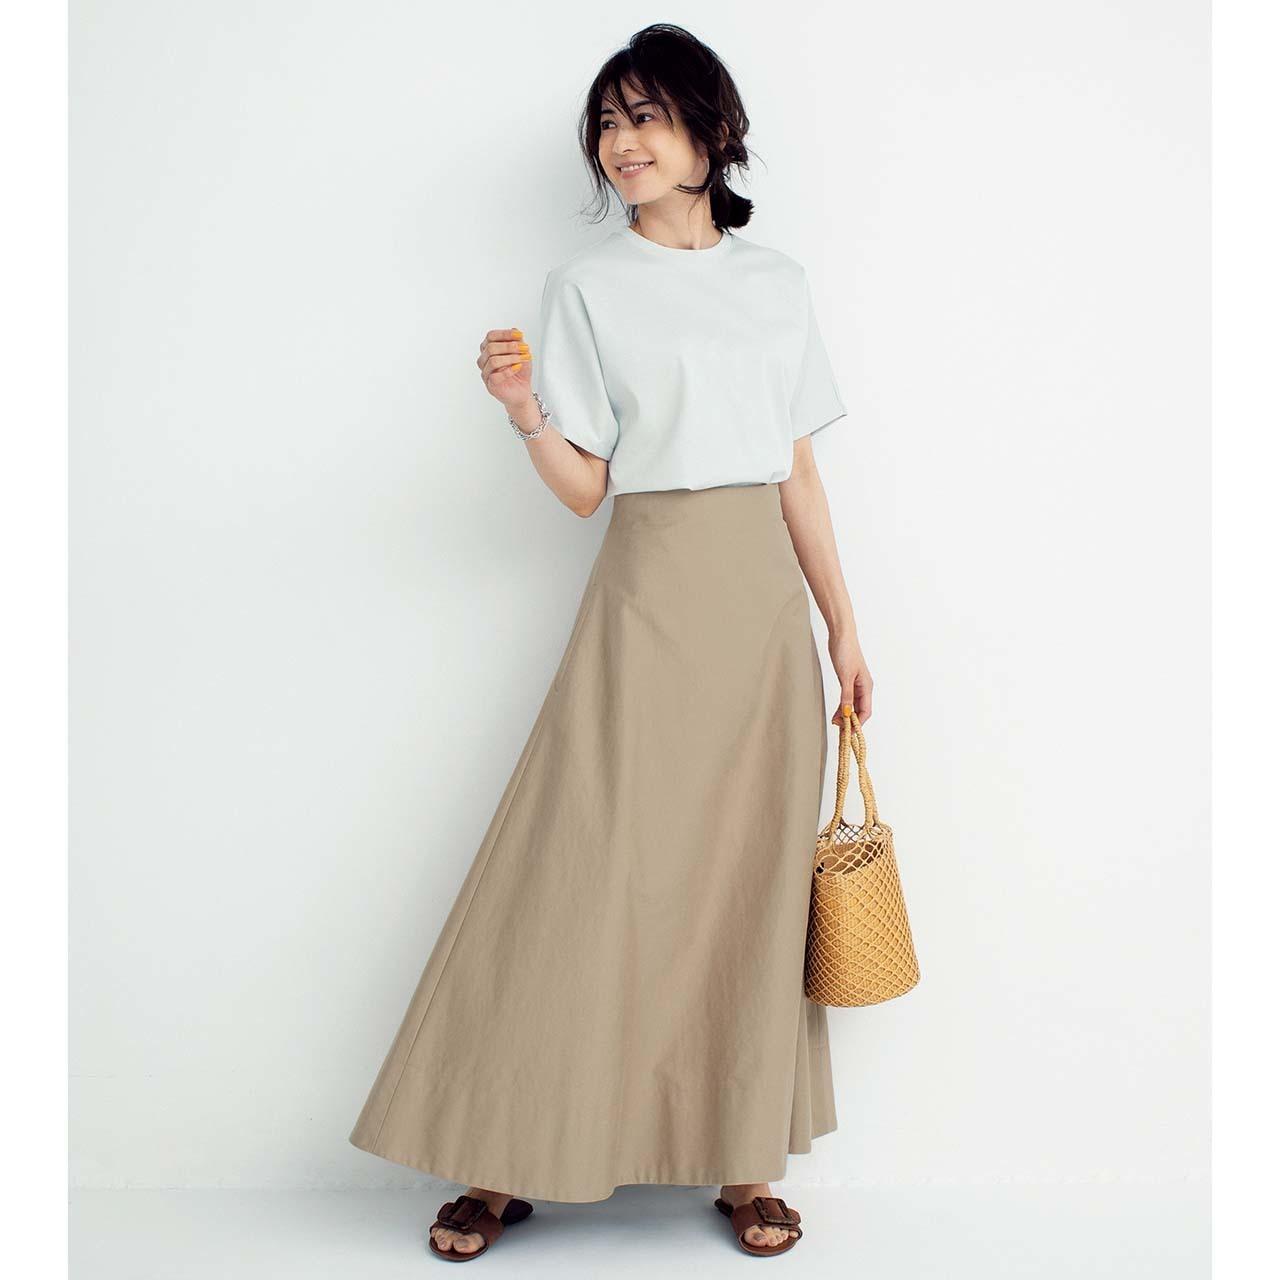 【男性ウケ抜群】アラサー的・夏のモテるファッション30コーデ!_1_3